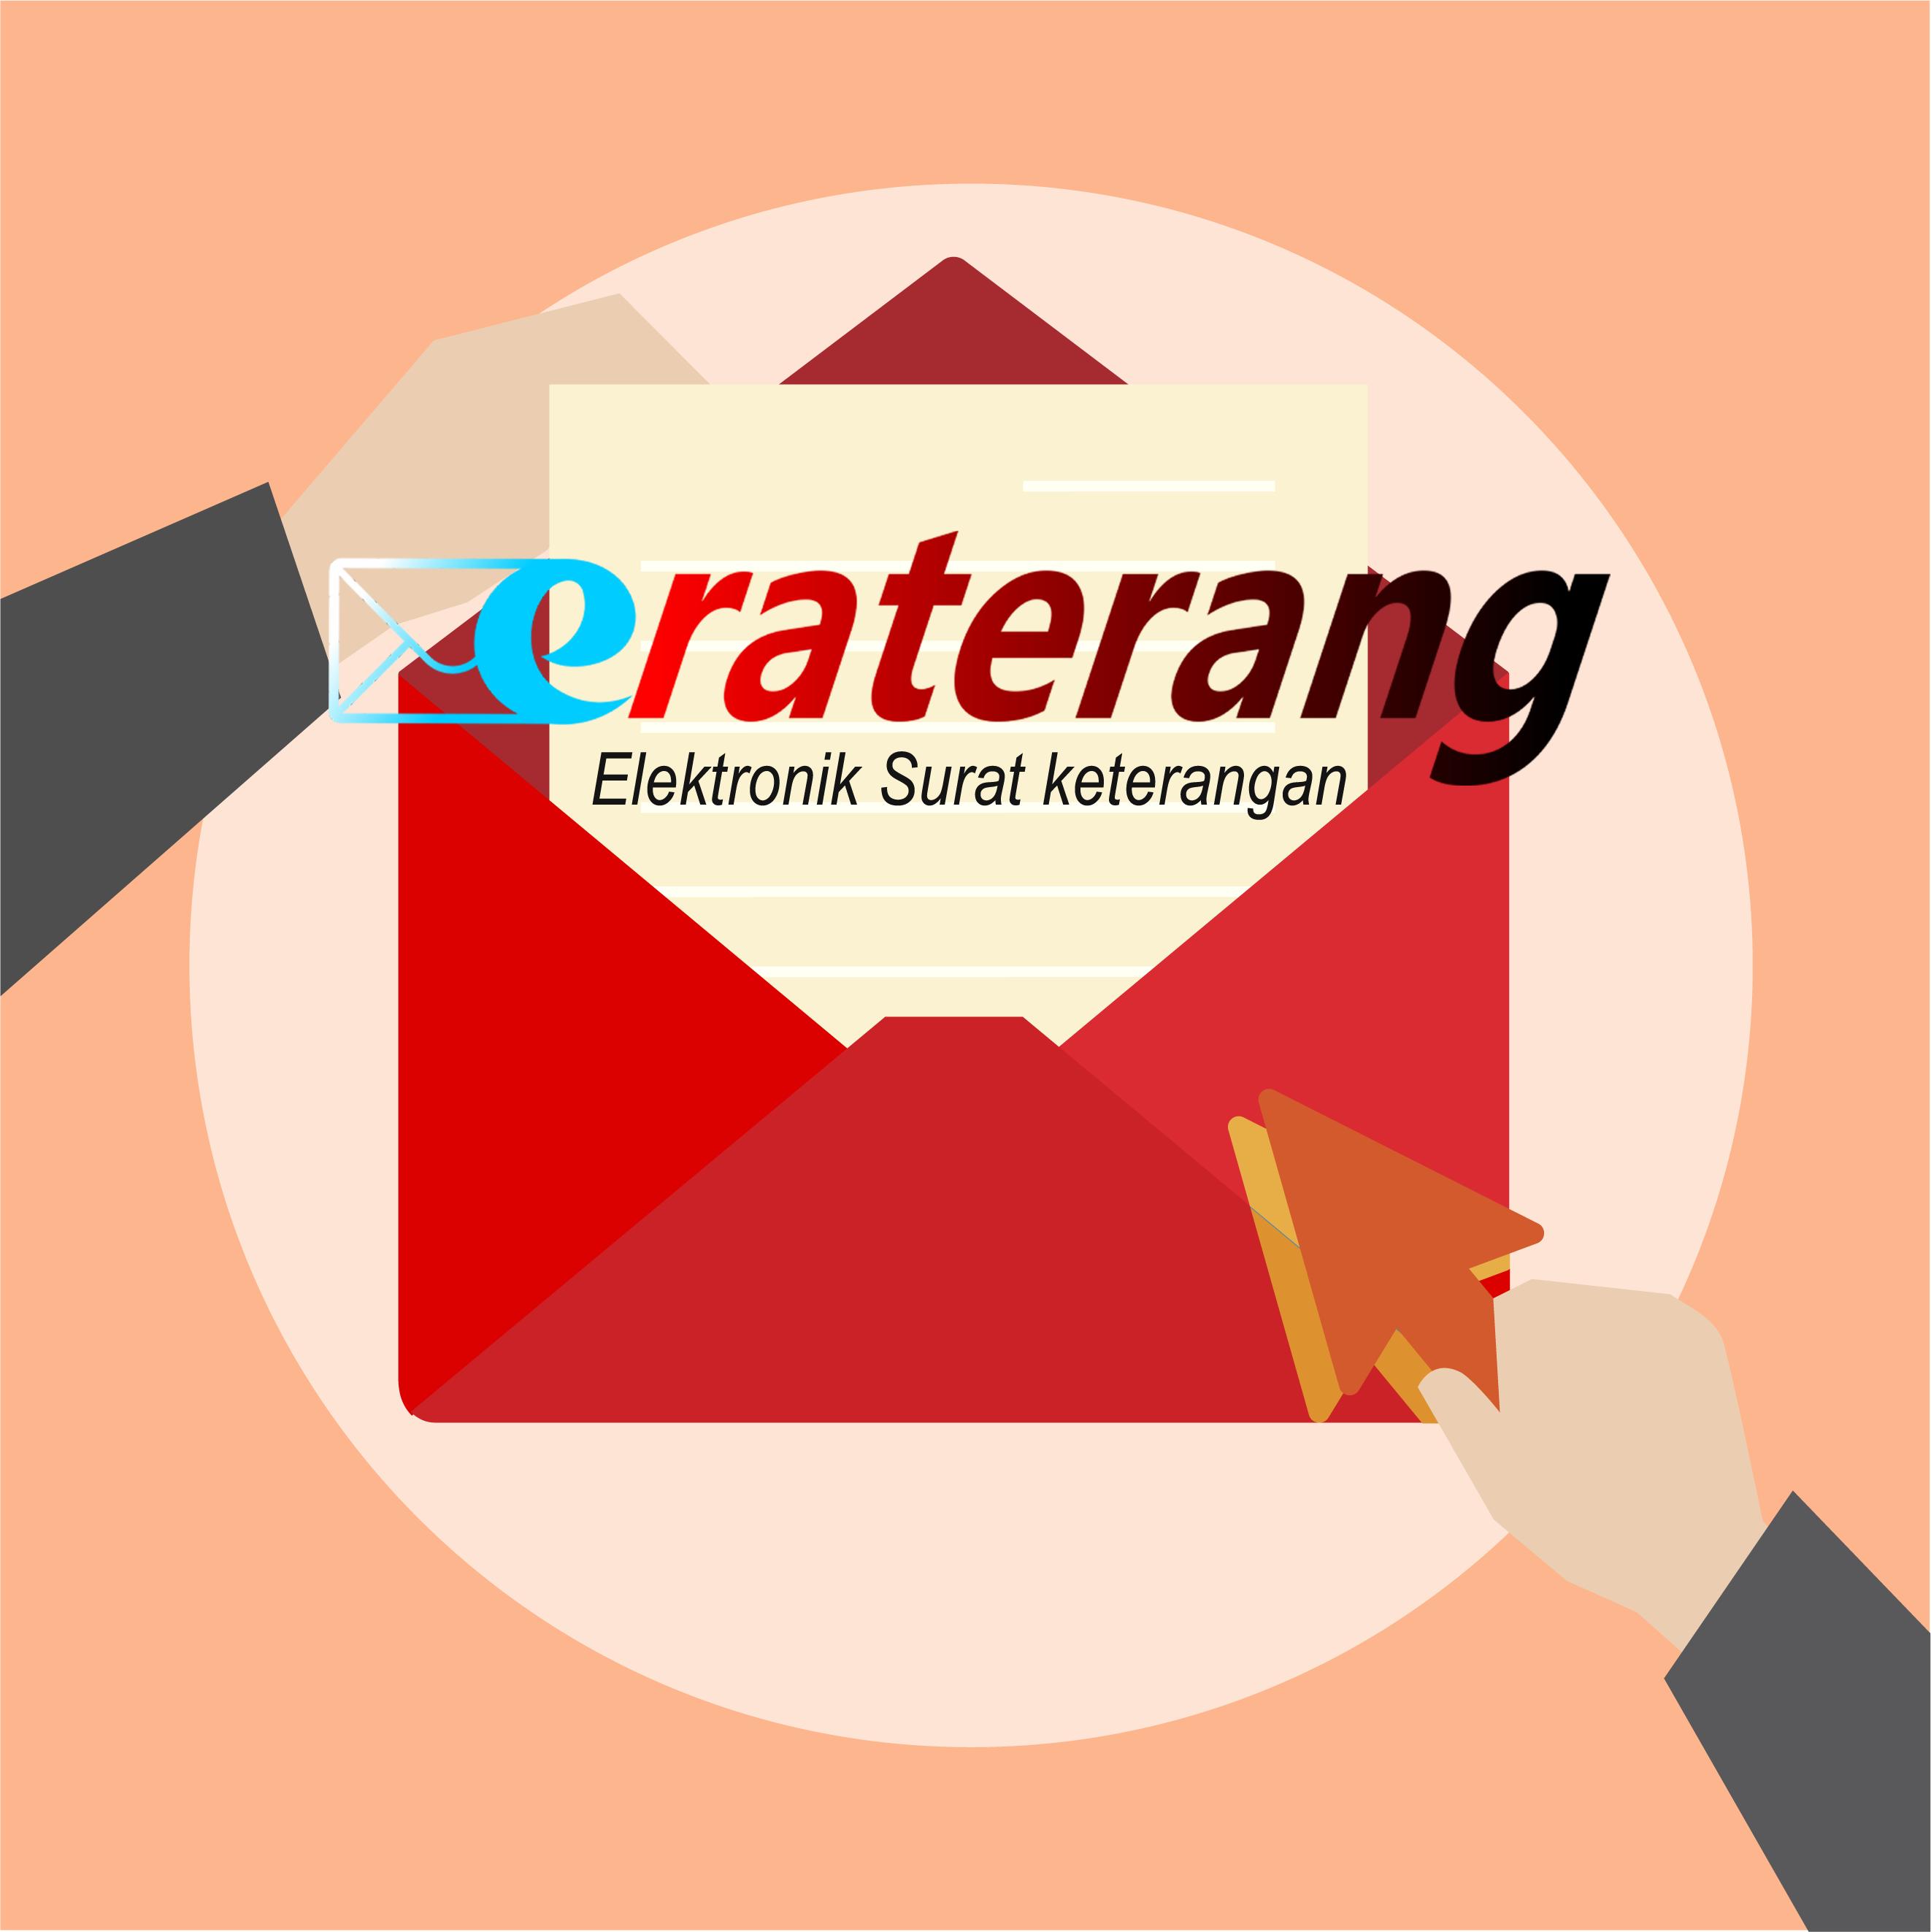 e-raterang